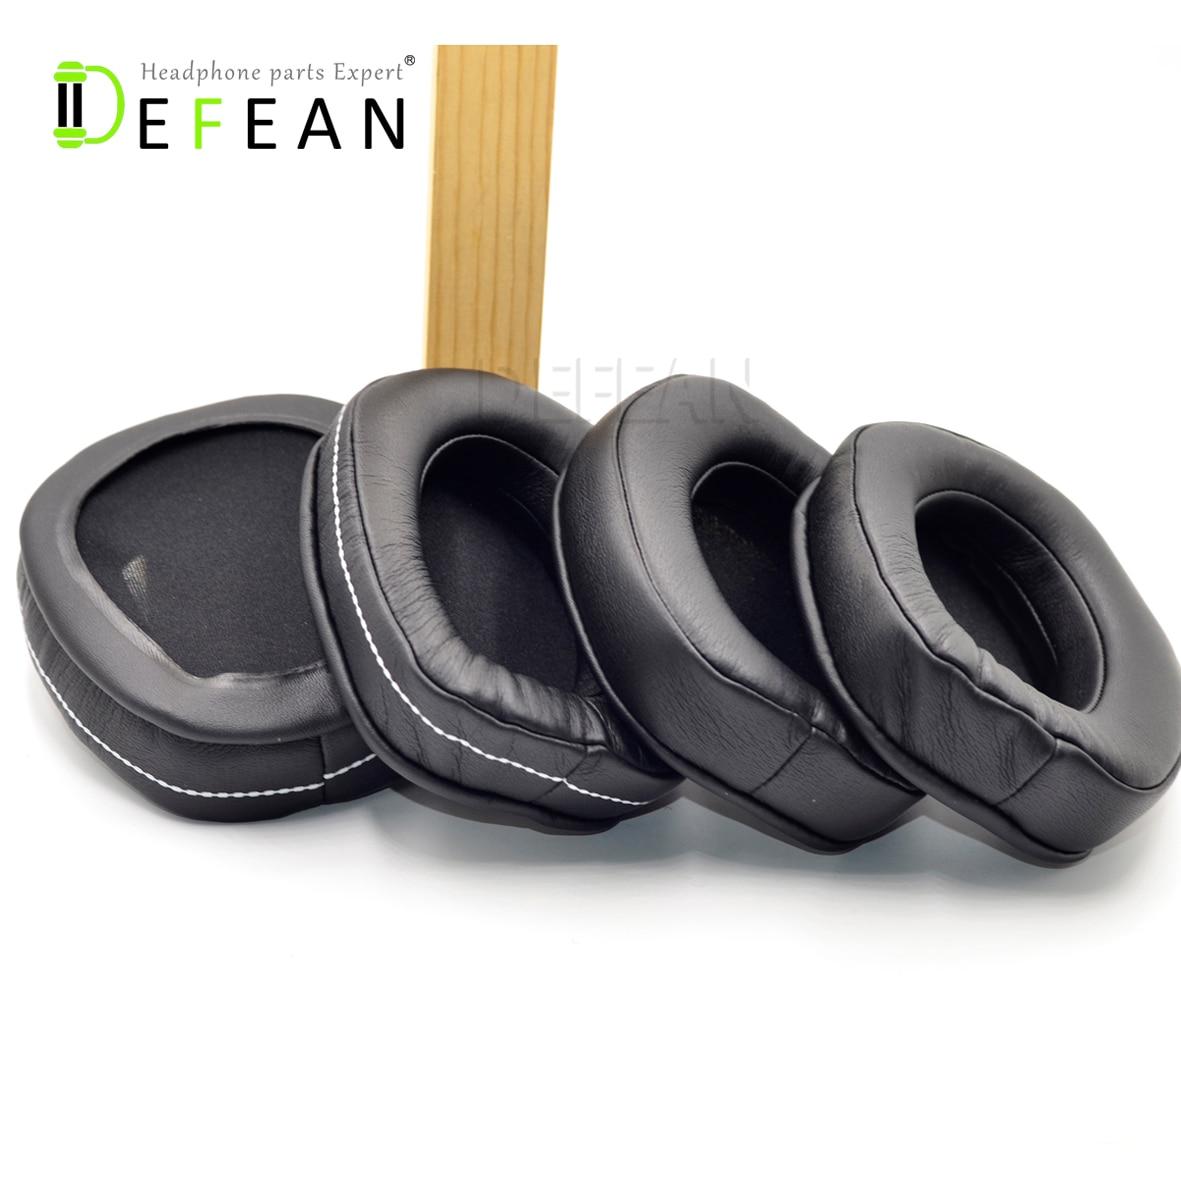 Defean Ear pads cushion Earmuffs for AH-D600 AH-D7100 AH D 600 AHD 7100 headphones